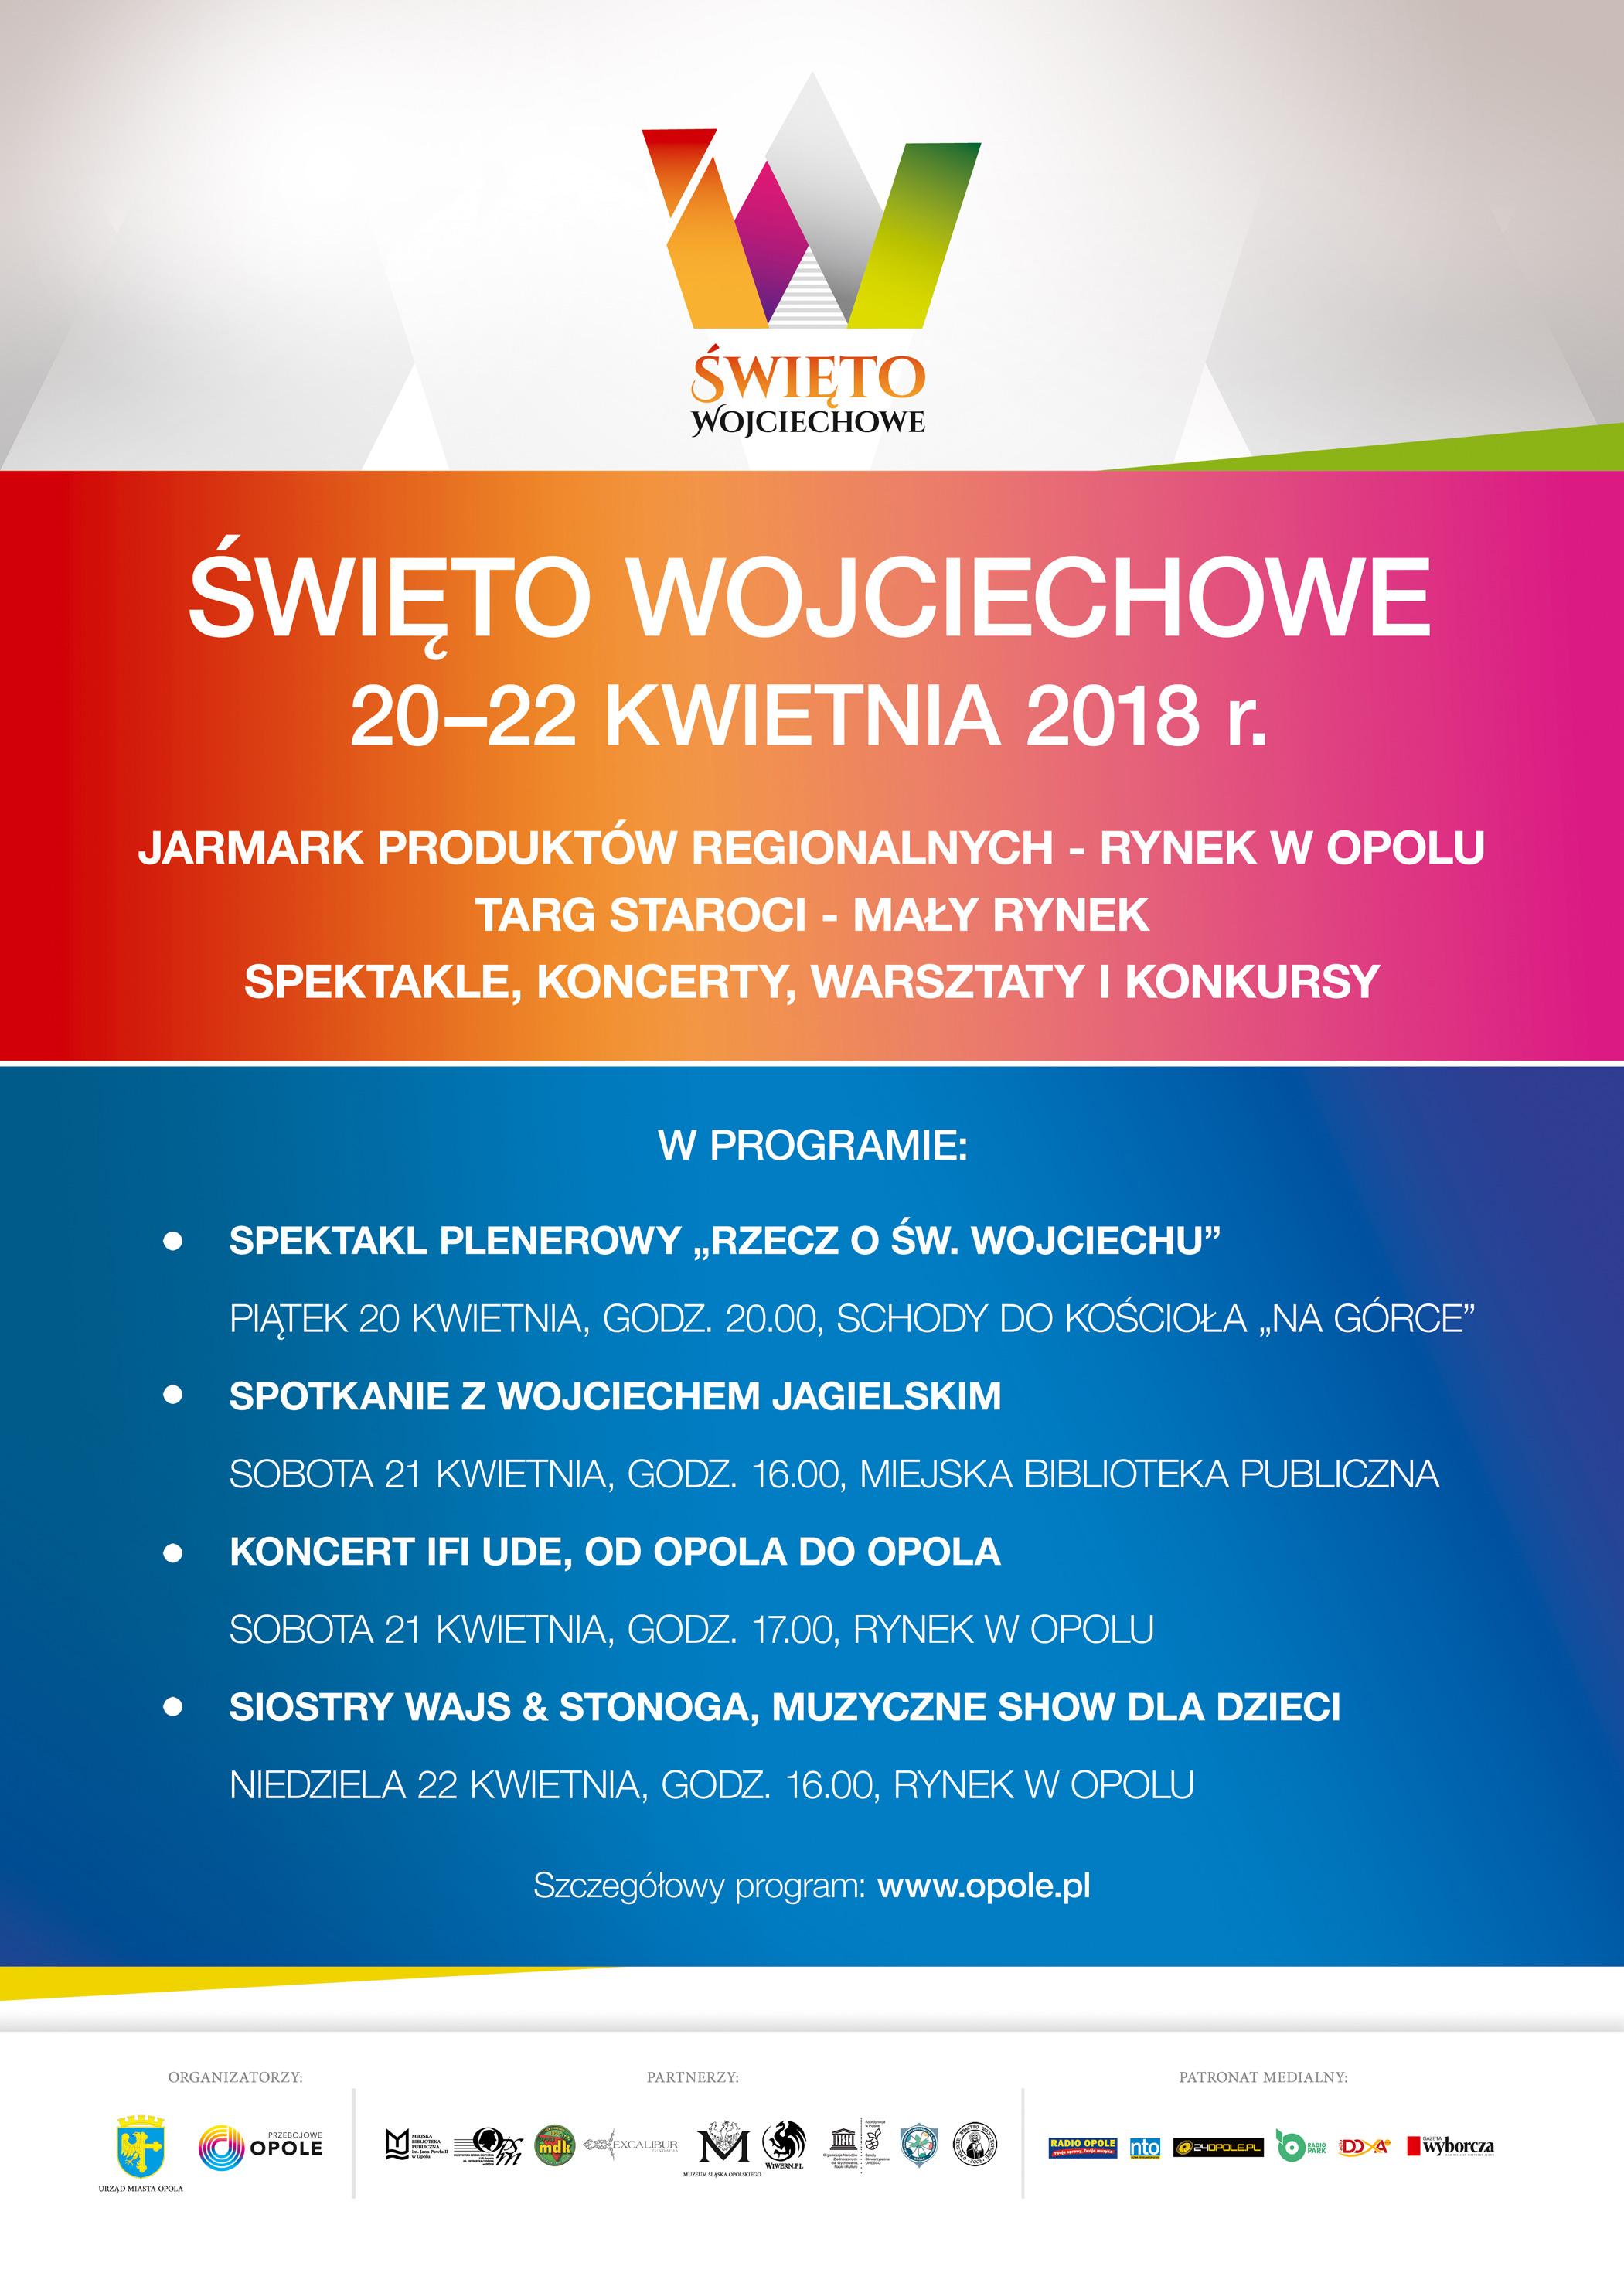 Plakat II Święta Wojciechowego w Opolu [materiały organizatora]